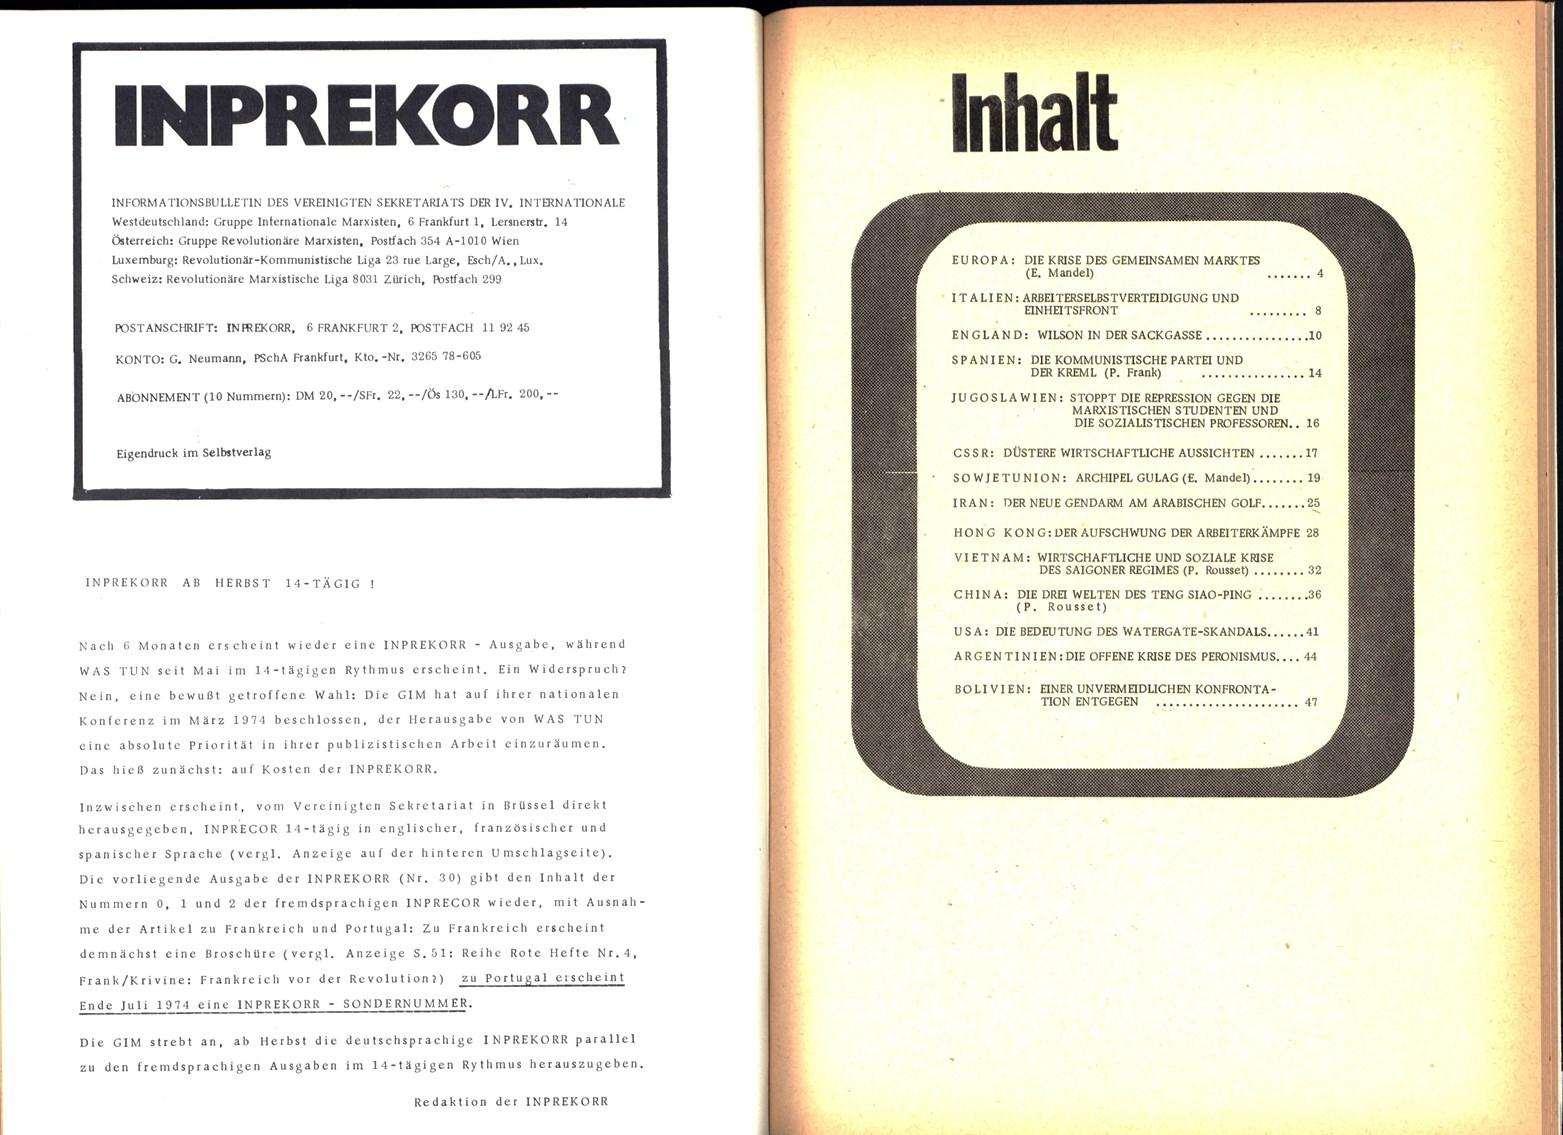 Inprekorr_19740615_030_003